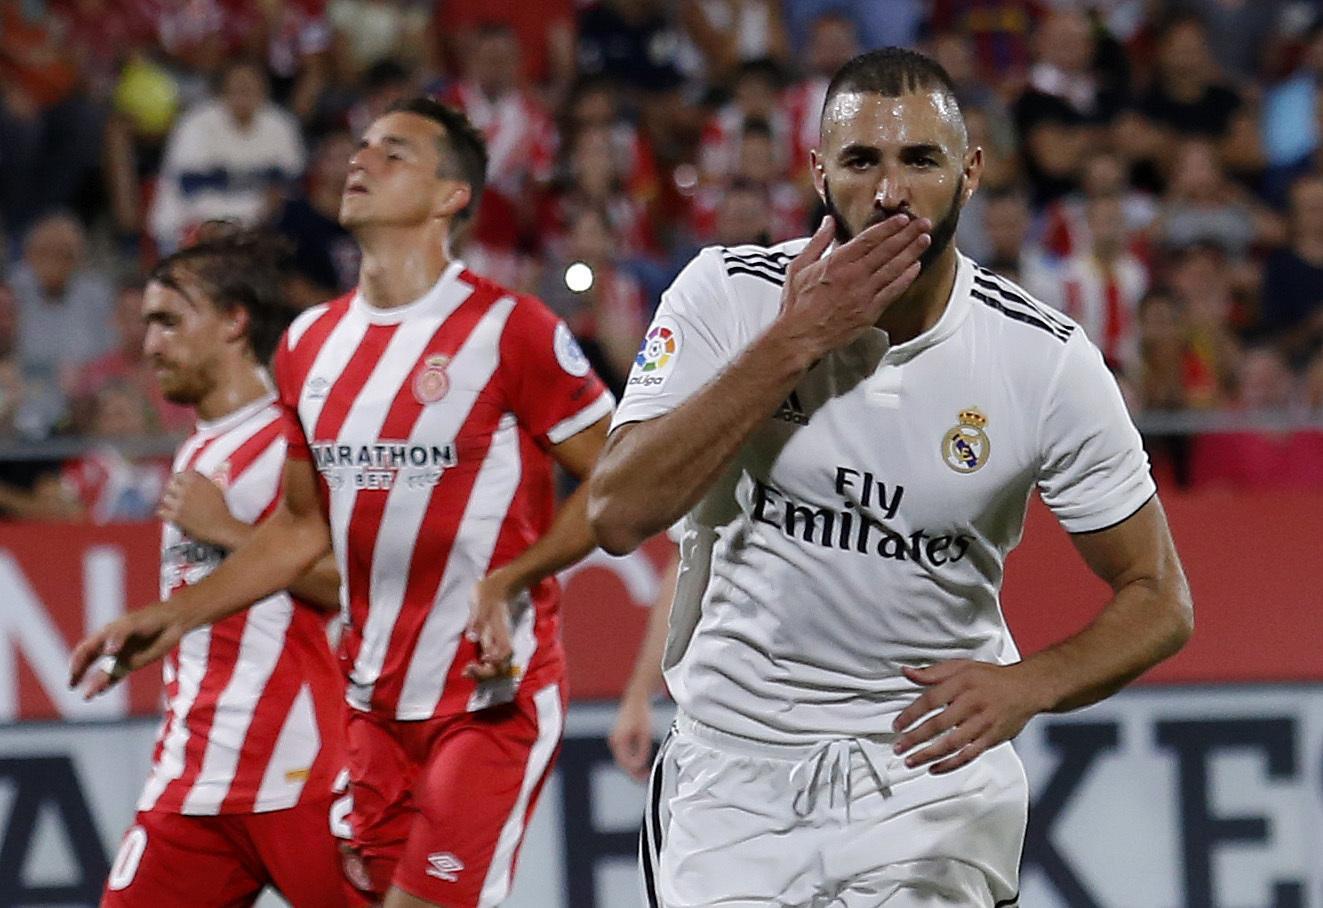 Hasil gambar untuk Real Madrid vs Girona